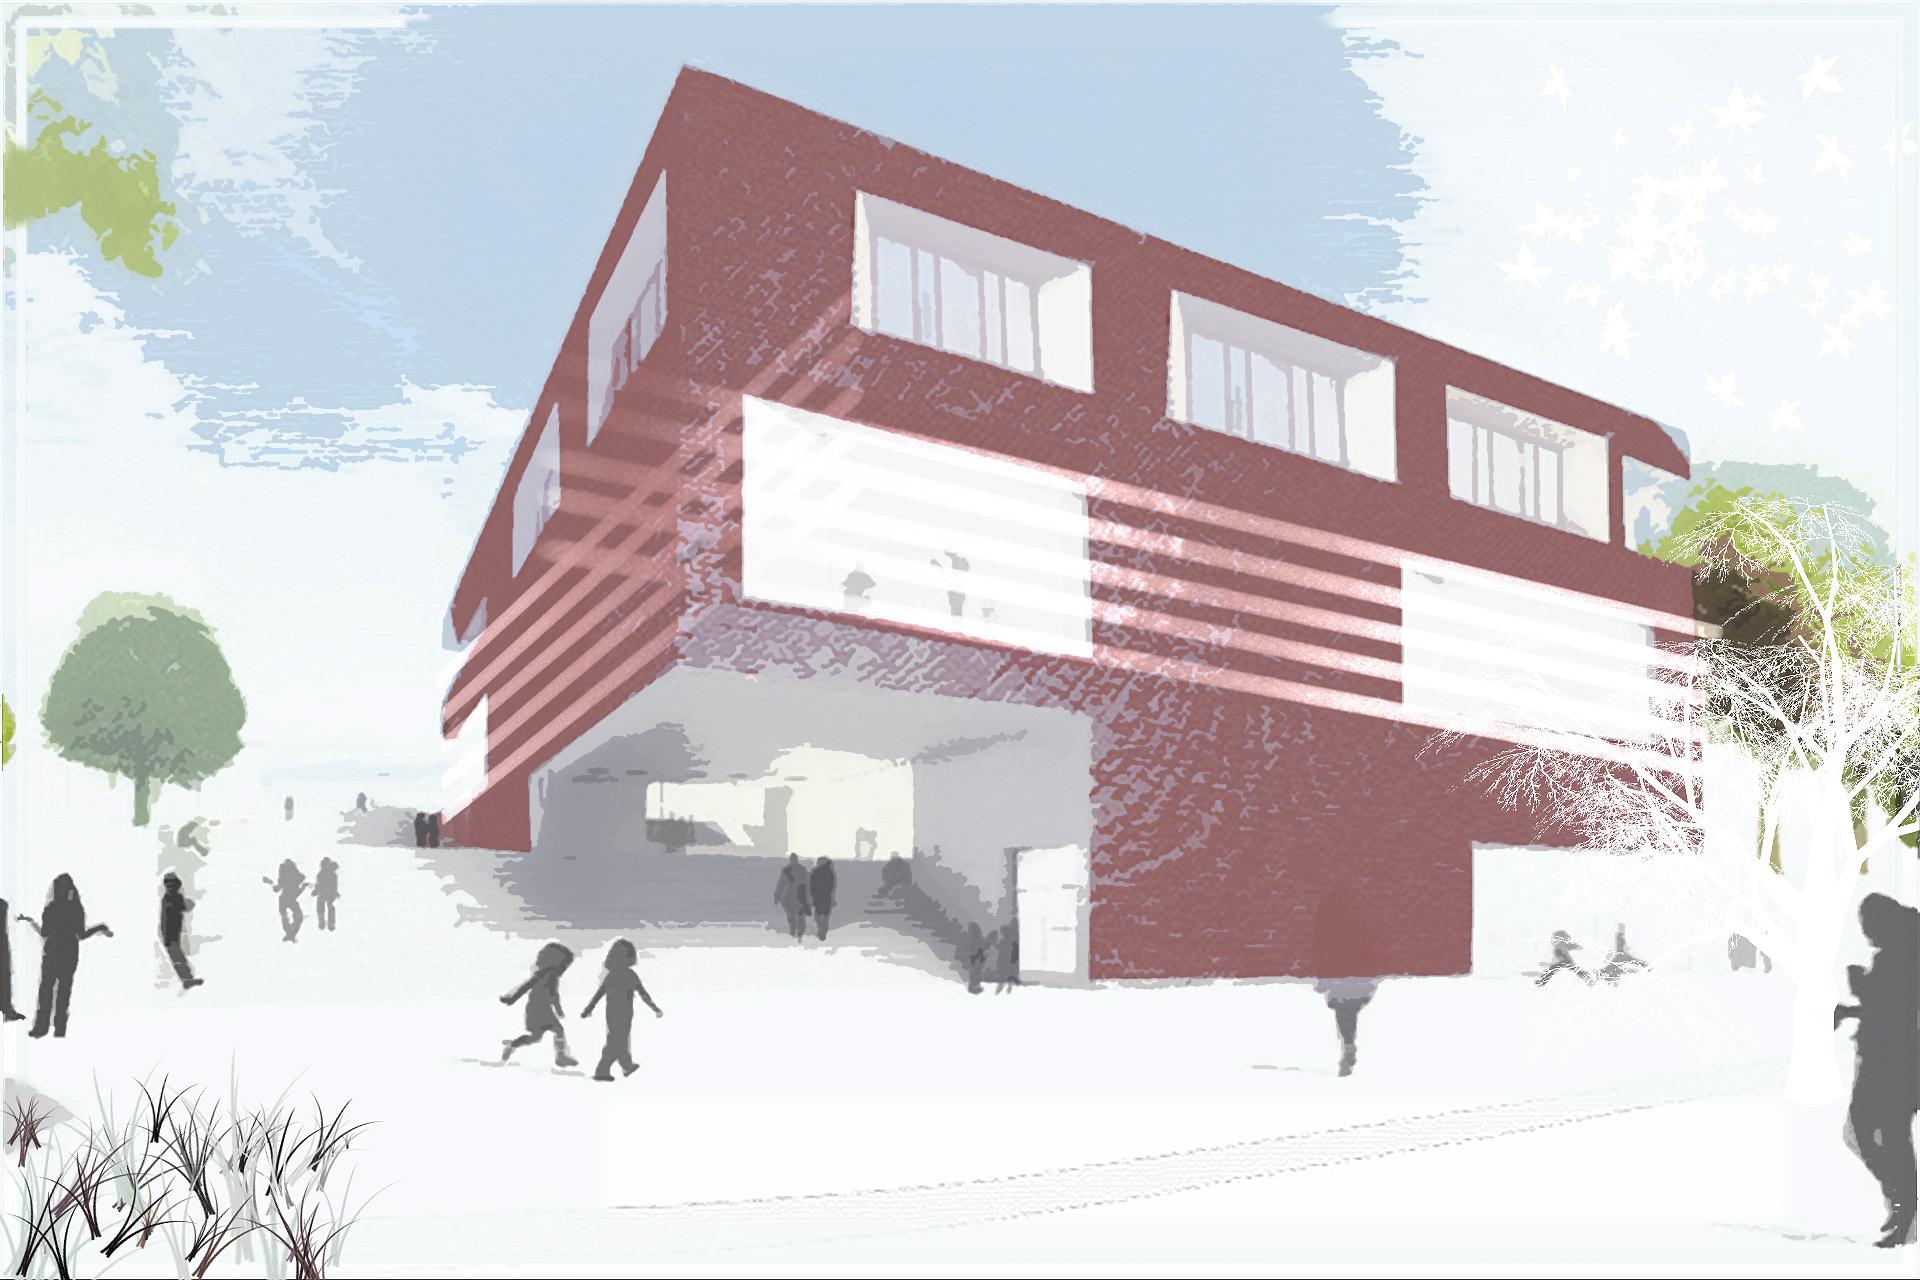 SPA (Wettbewerbe und Entwürfe + Sozial- und Sonderbauten) Aus Zwei wird Eins